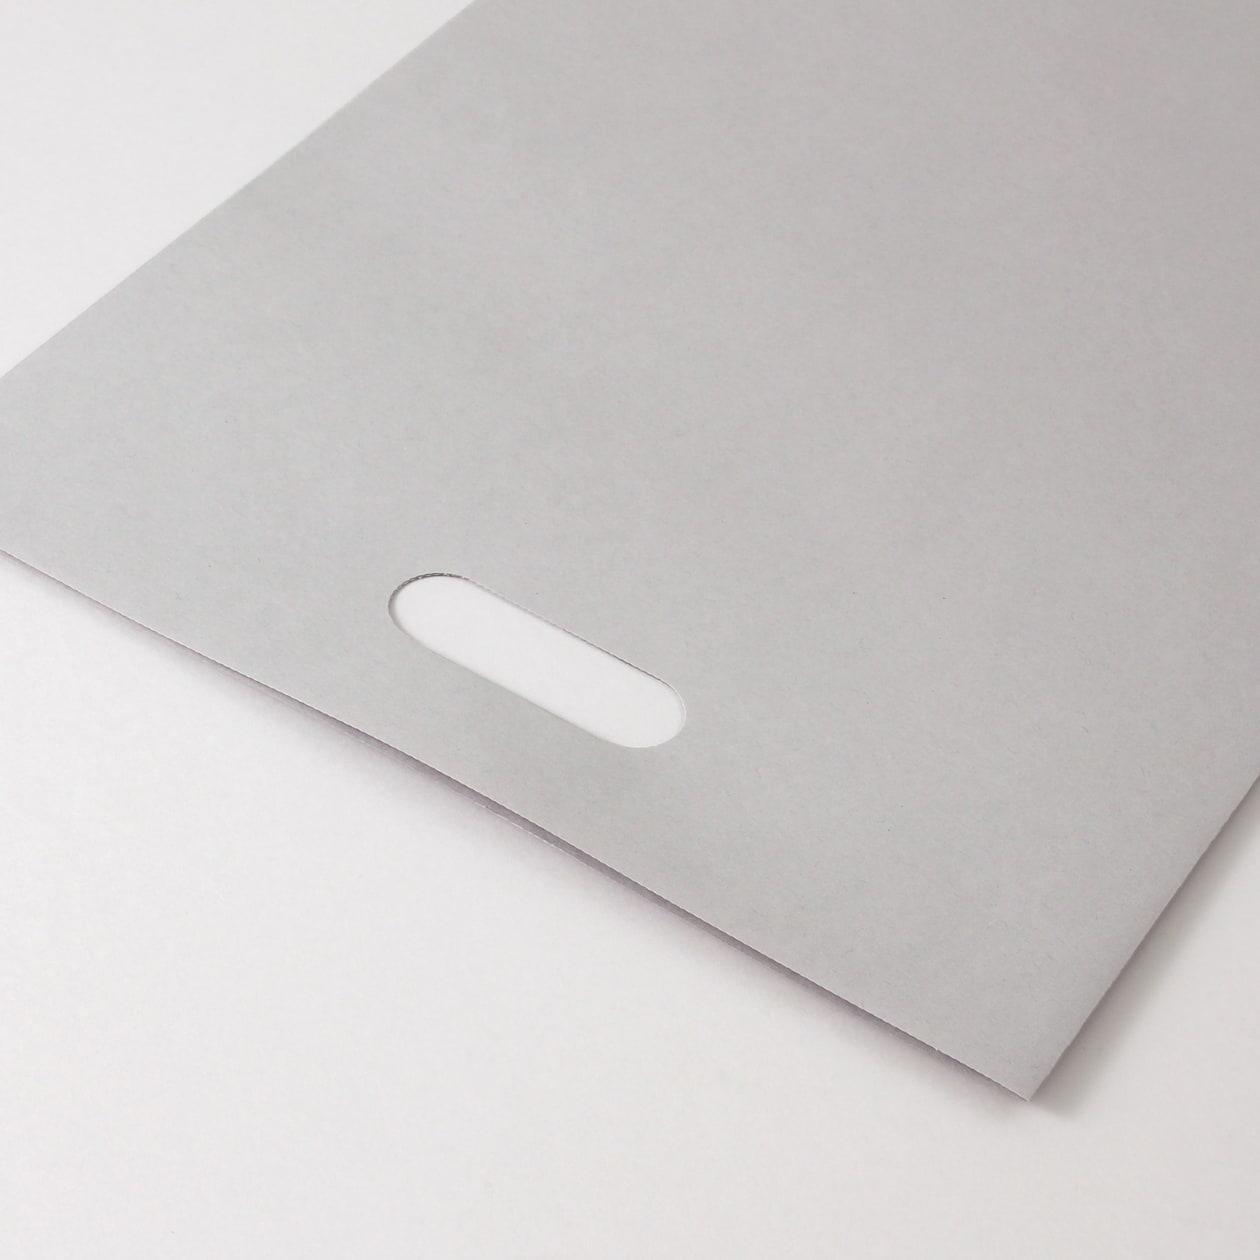 平袋B4用持ち手付 HAGURUMA Basic ライナーグレイ 100g